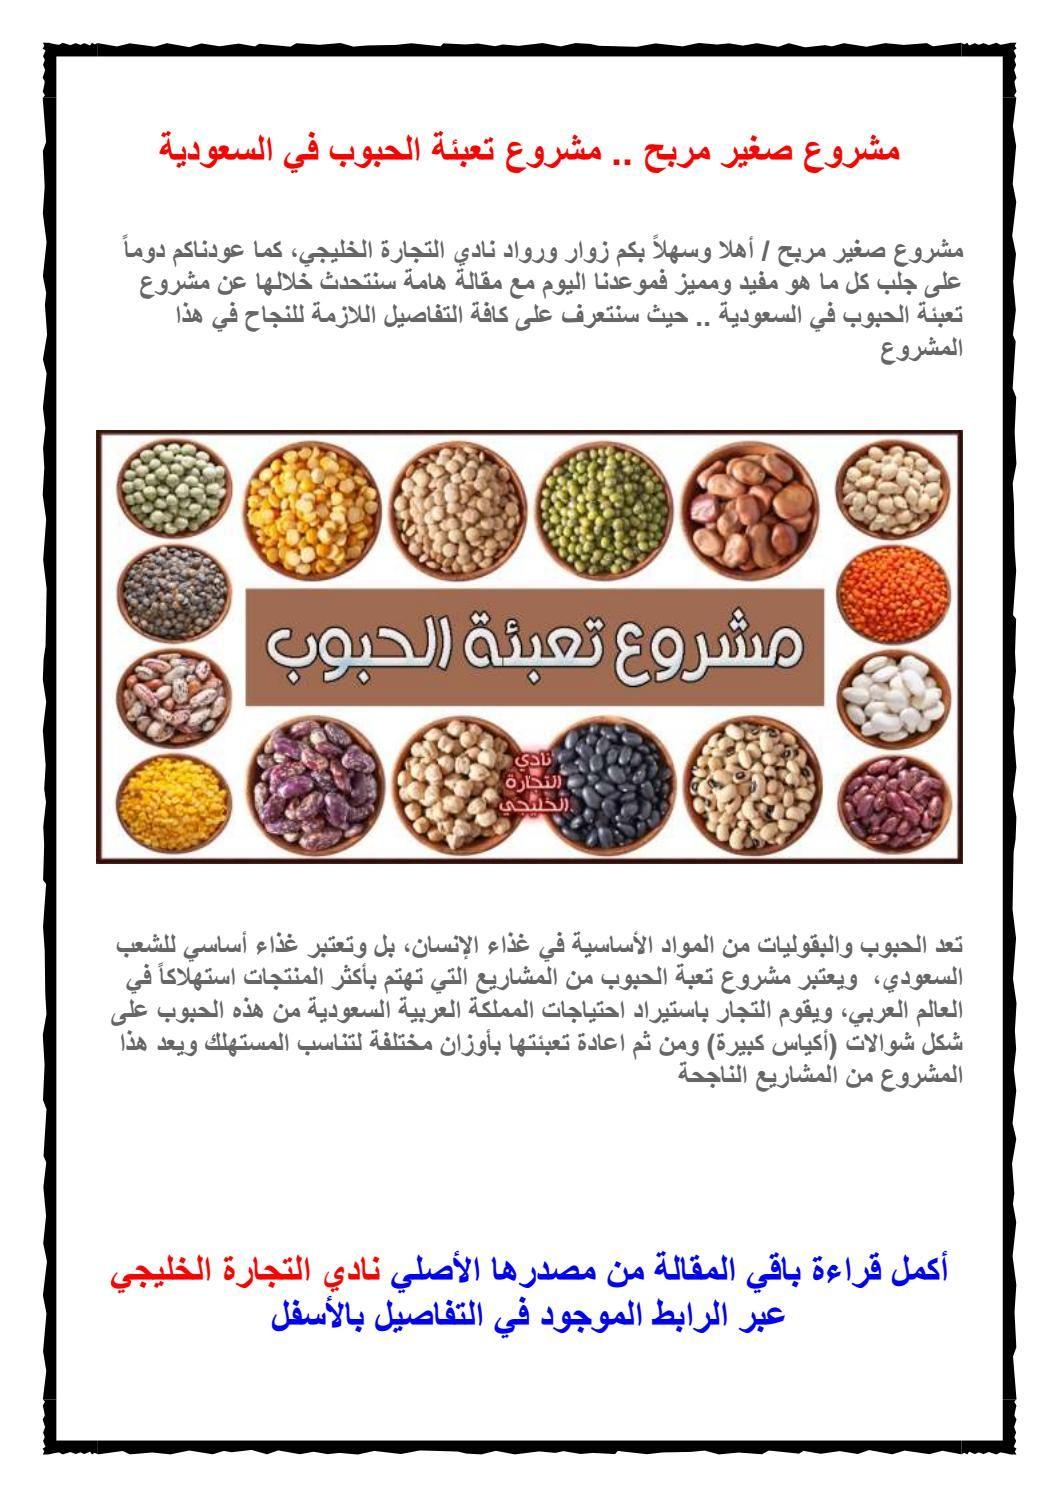 مشروع صغير مربح مشروع تعبئة الحبوب في السعودية Microsoft Word Document Microsoft Word Microsoft